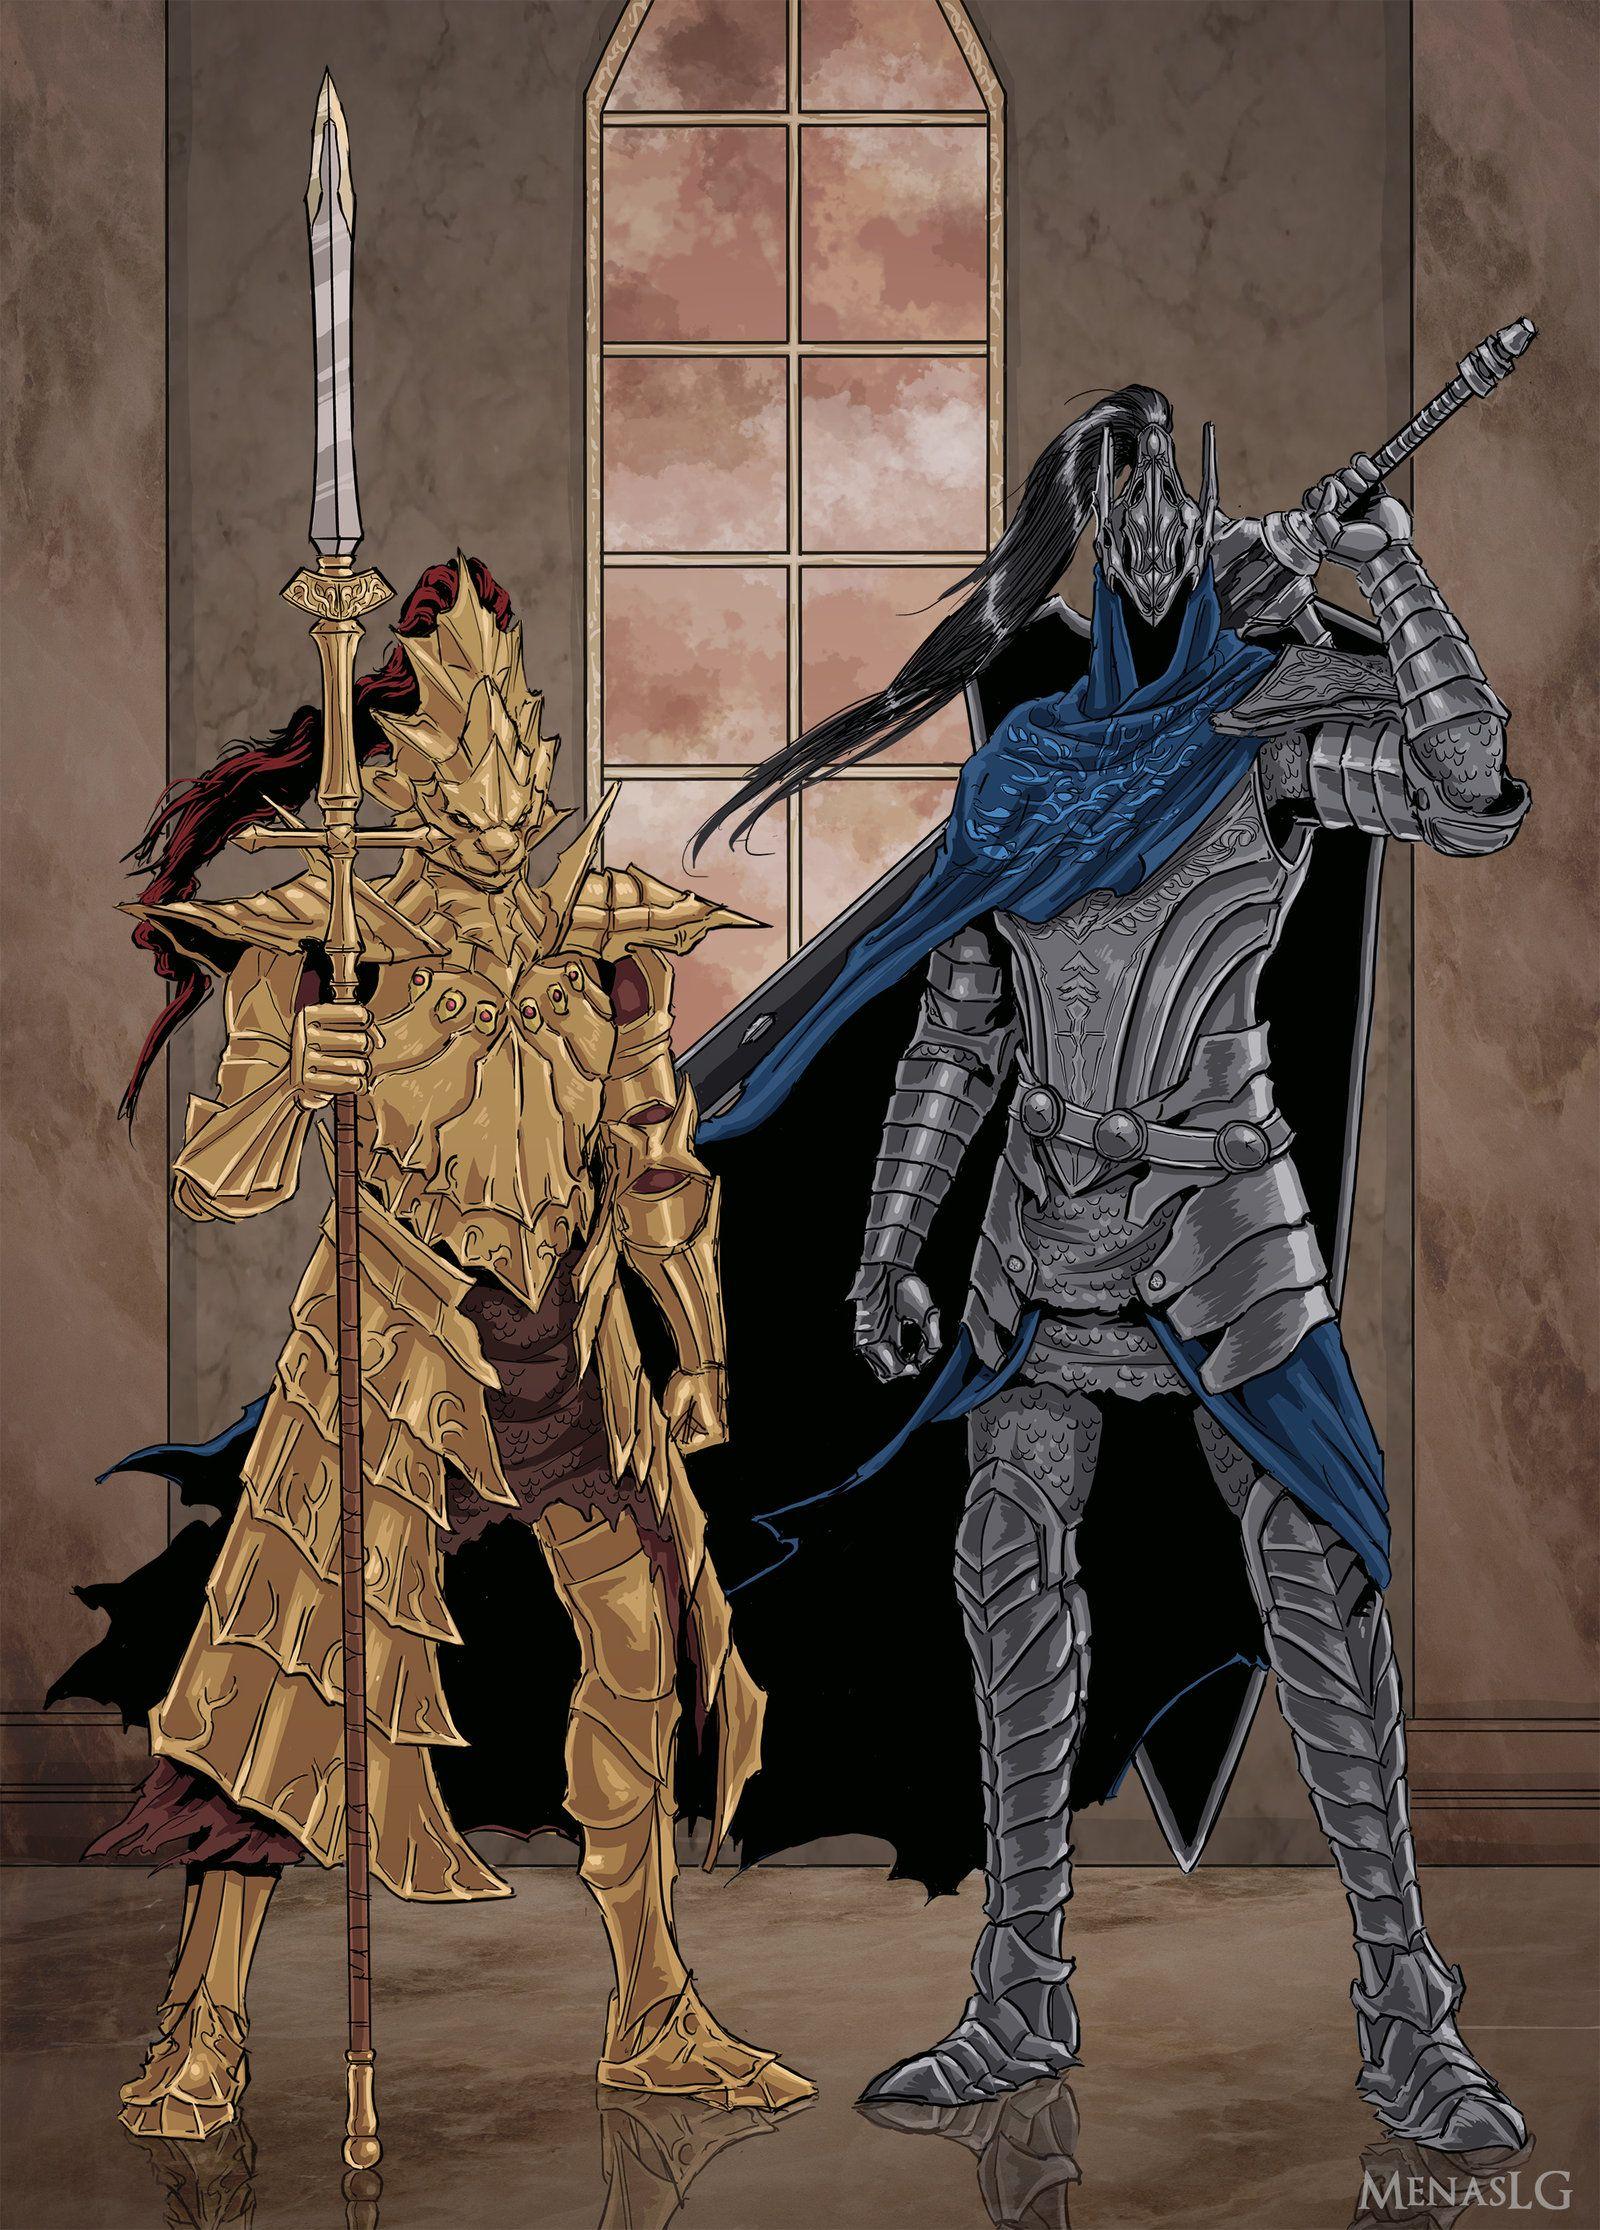 Dark Souls Ornstein And Artorias By Menaslg On Deviantart Arte